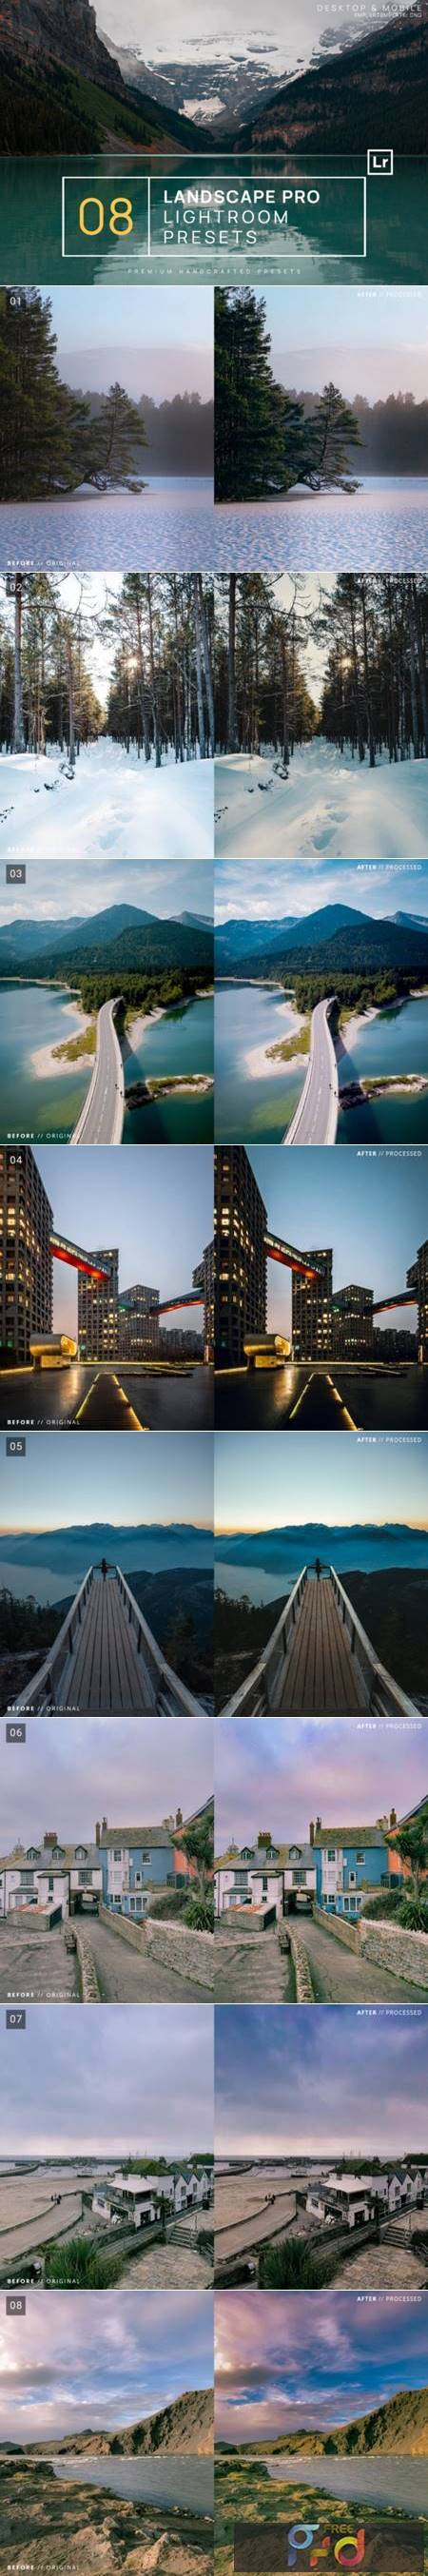 8 Landscape Pro Lightroom Presets 8306535 1